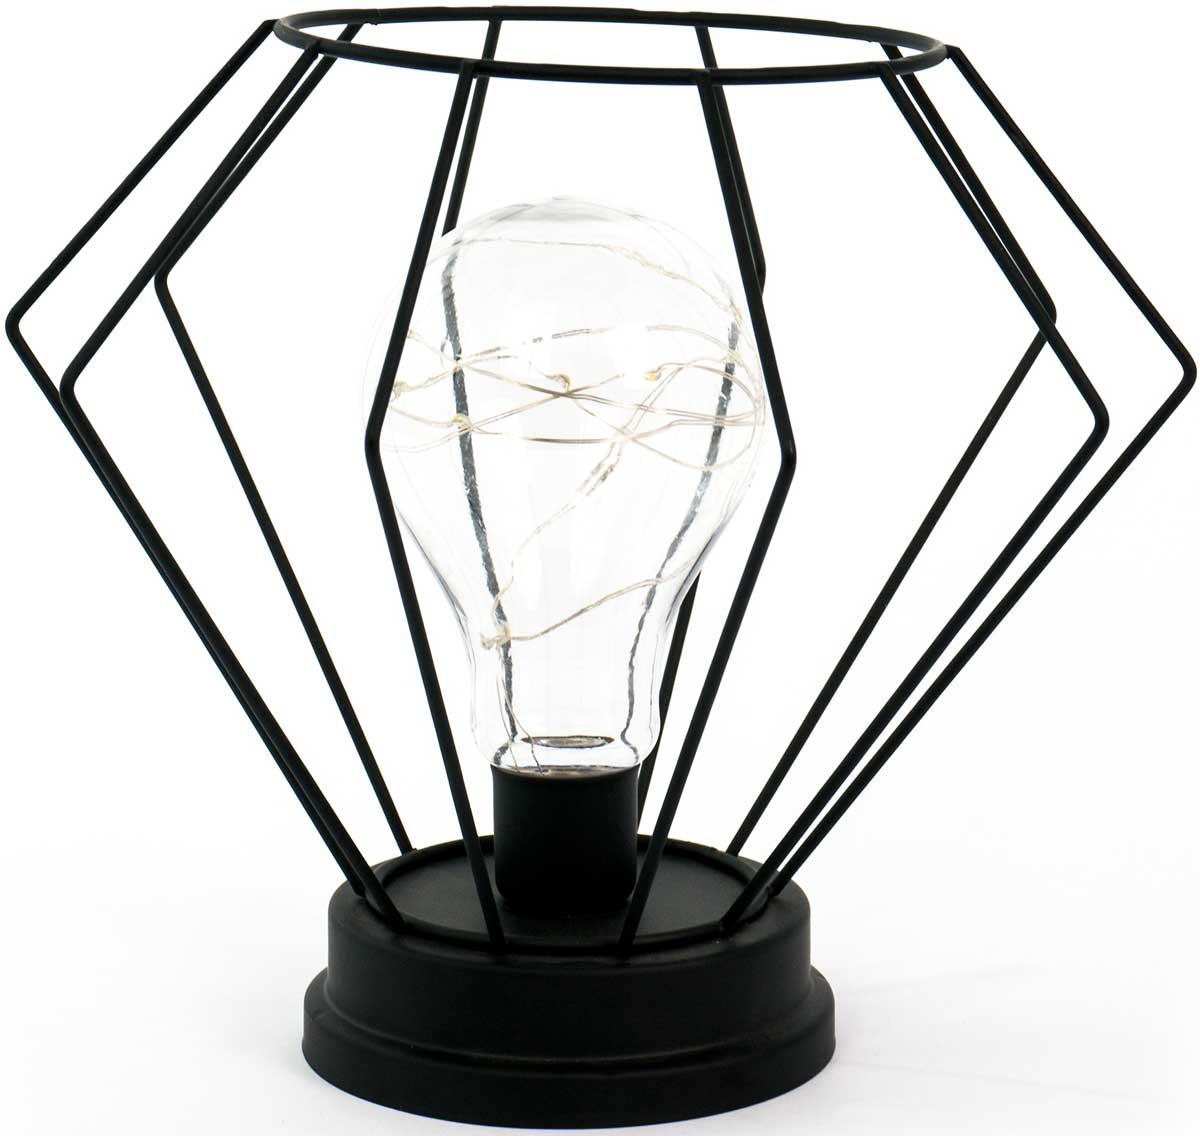 Светильник декоративный Miralight LM-066 , светодиодный, на батарейках, цвет: черный07651Декоративный светодиодный светильник является экономичным точечным источником света, удобным в использовании как внутри, так и вне помещений. Благодаря неяркому свету, светильник создает утонченную романтическую атмосферу. С наступлением дачного сезона особенно востребован при загородных поездках на дачу.